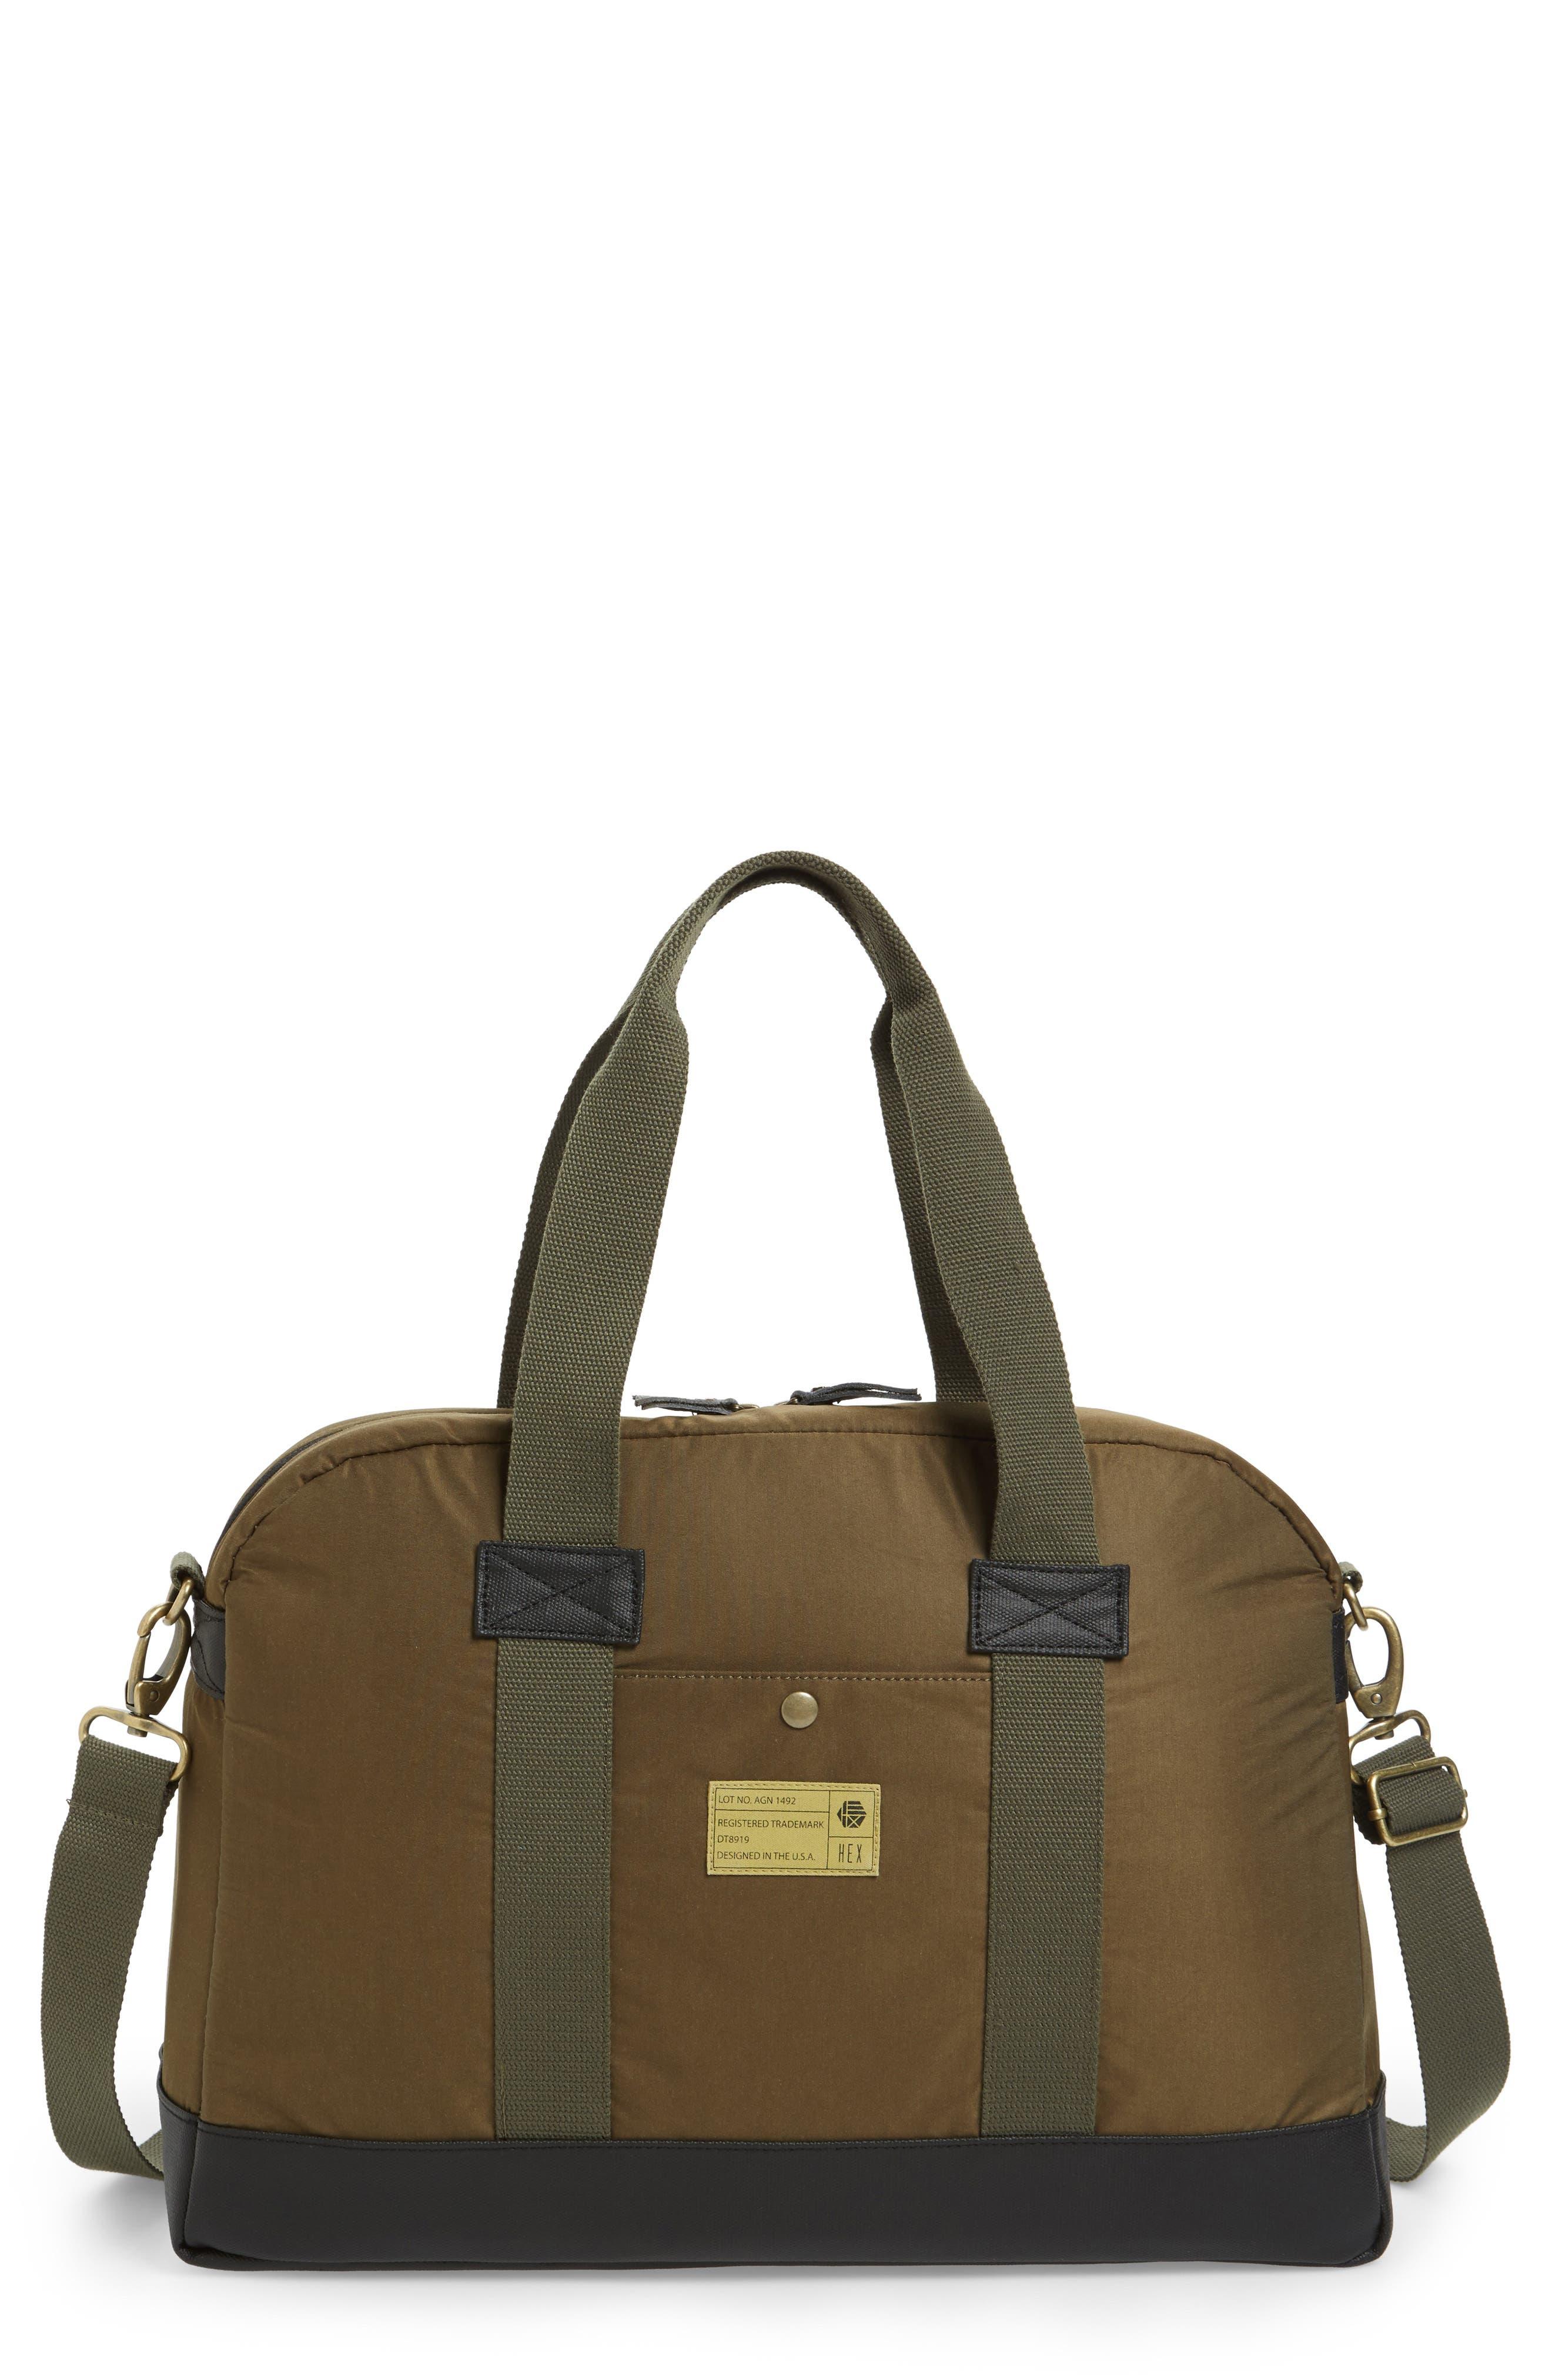 Main Image - HEX Laptop Duffel Bag